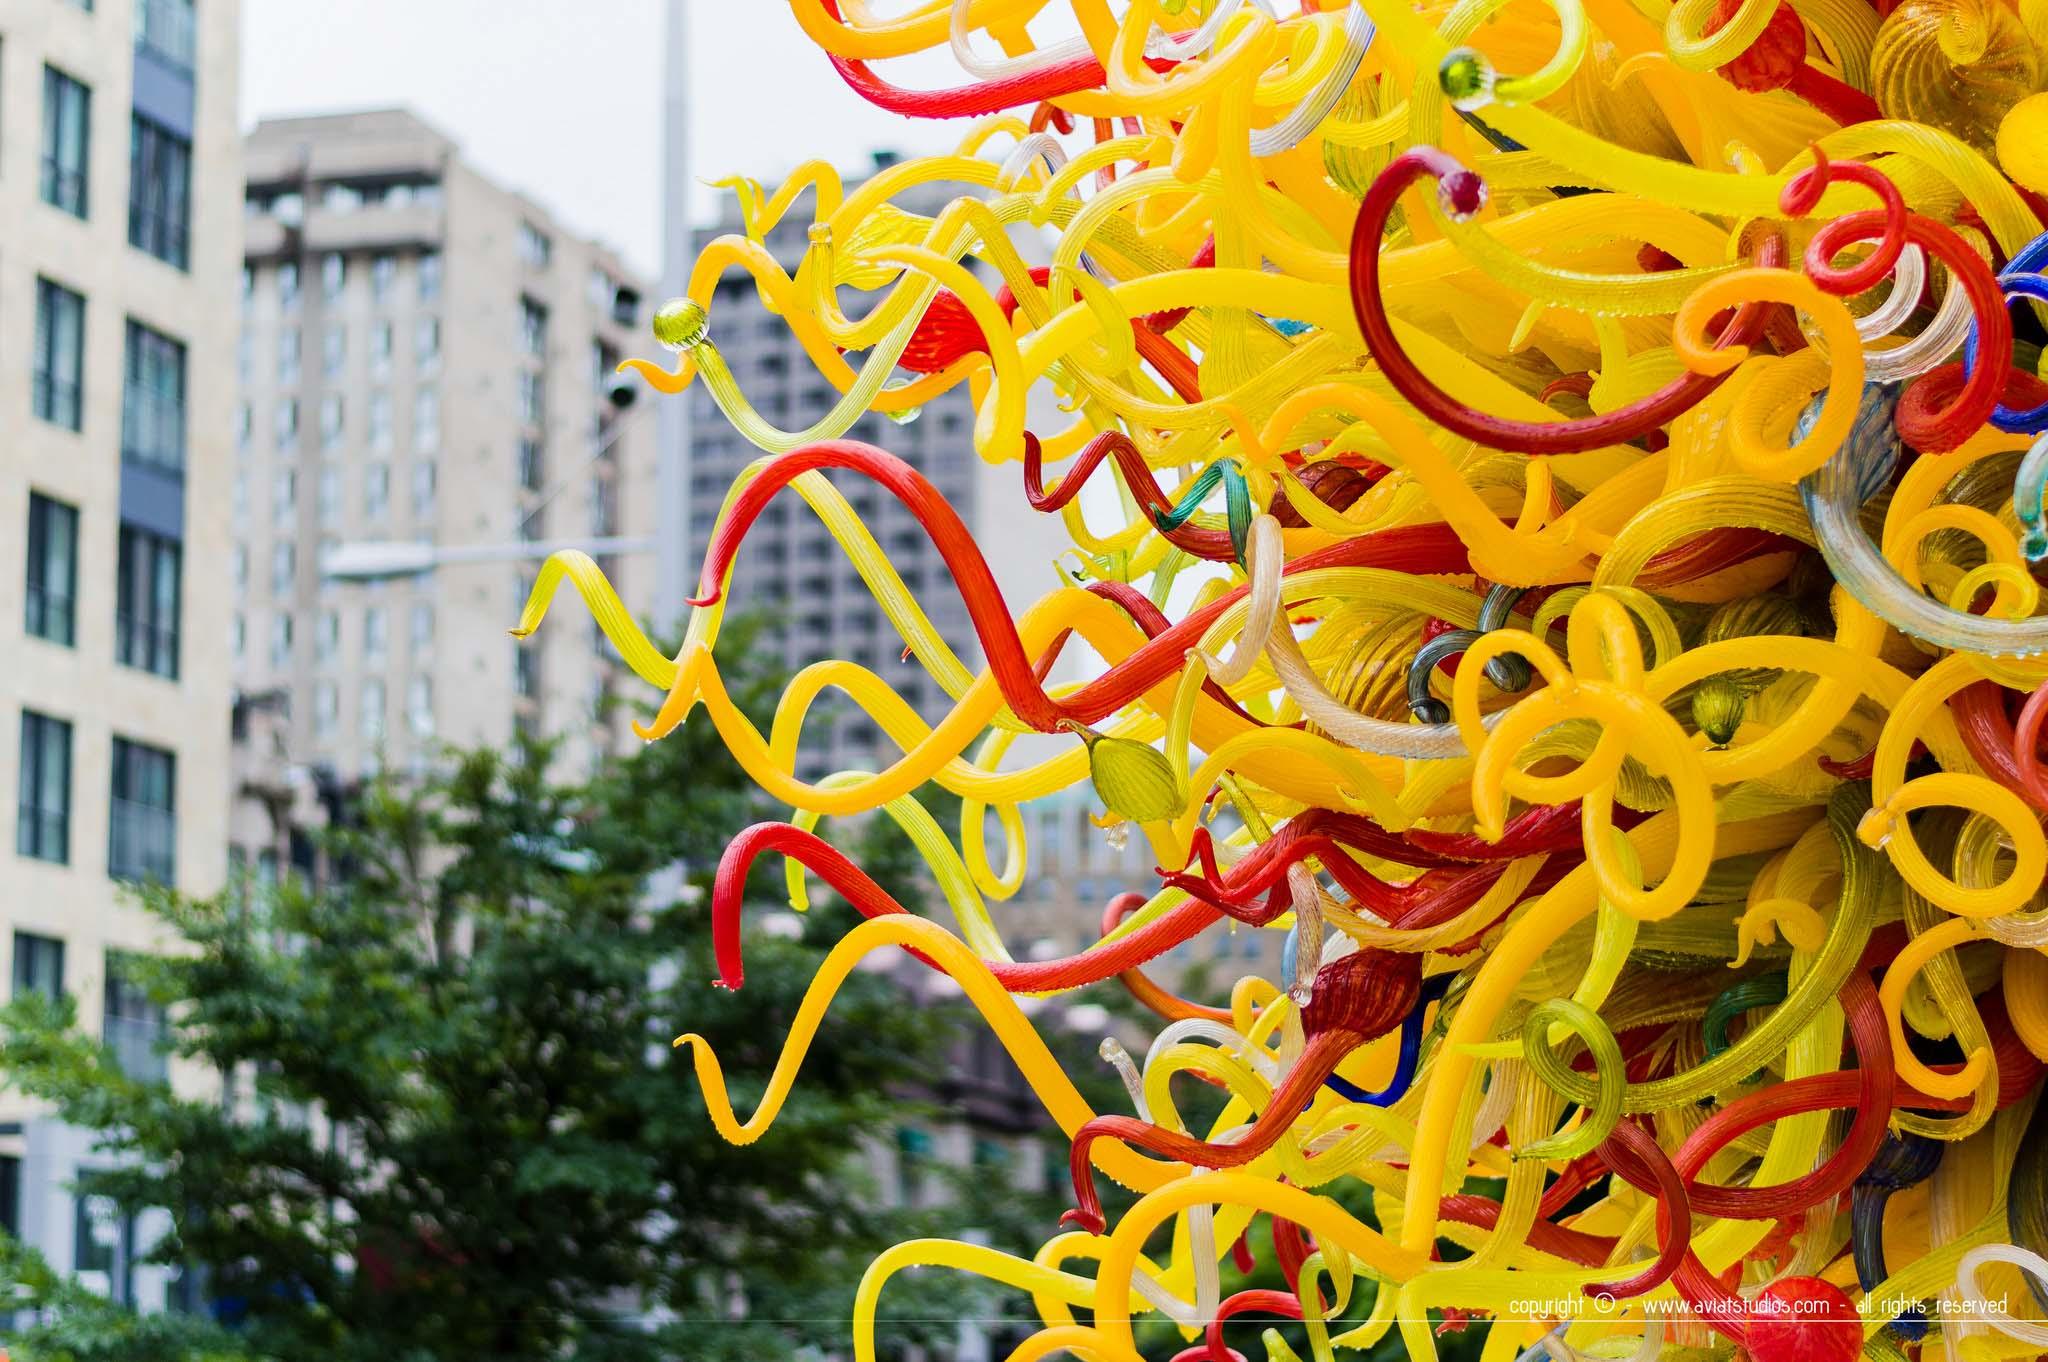 Voyage à Montréal - oeuvre d'art contemporaine devant le musée des beaux arts